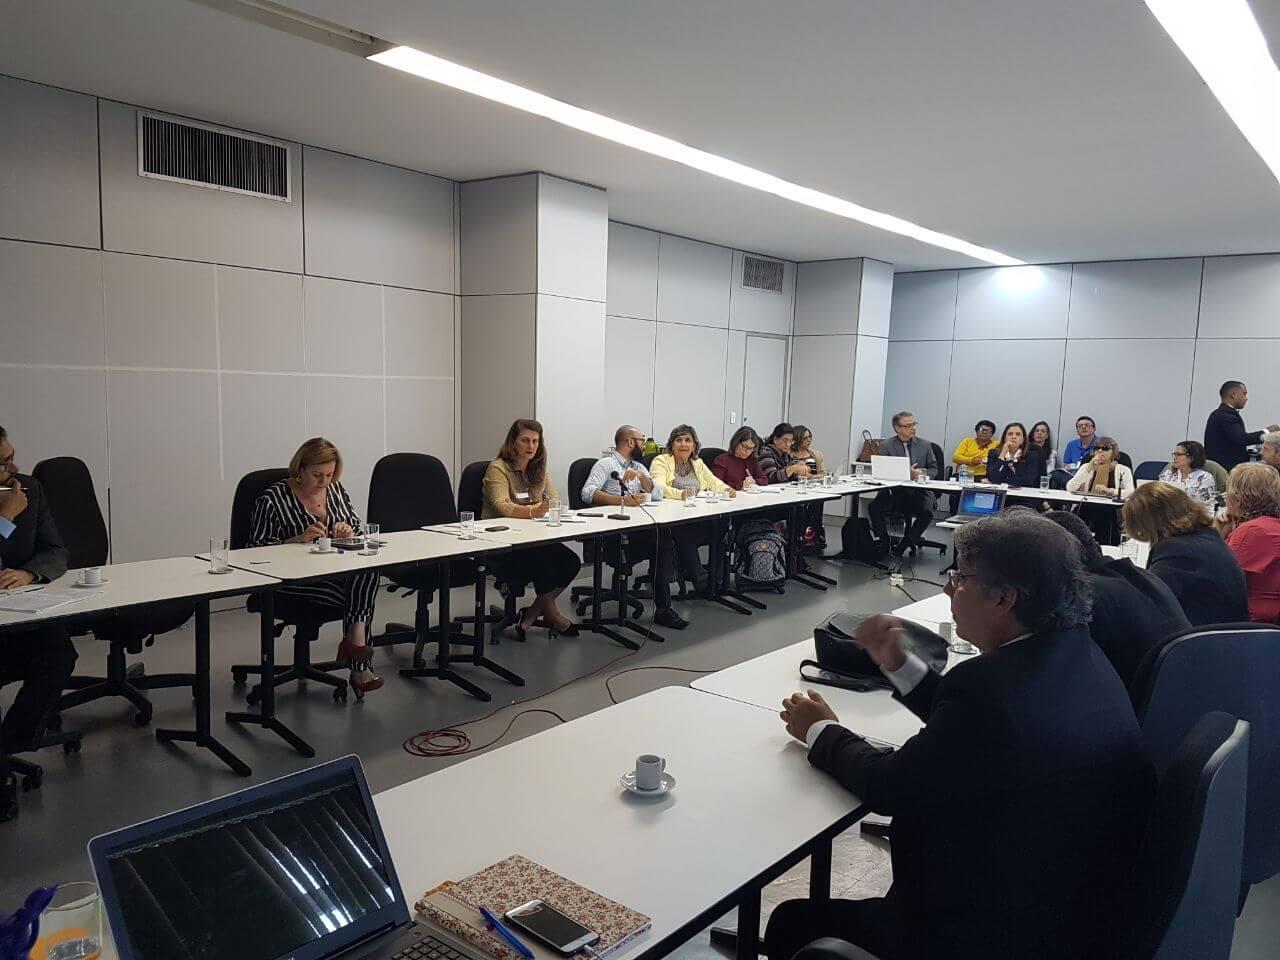 Undime participa de reunião para discutir a atualização da política de educação especial